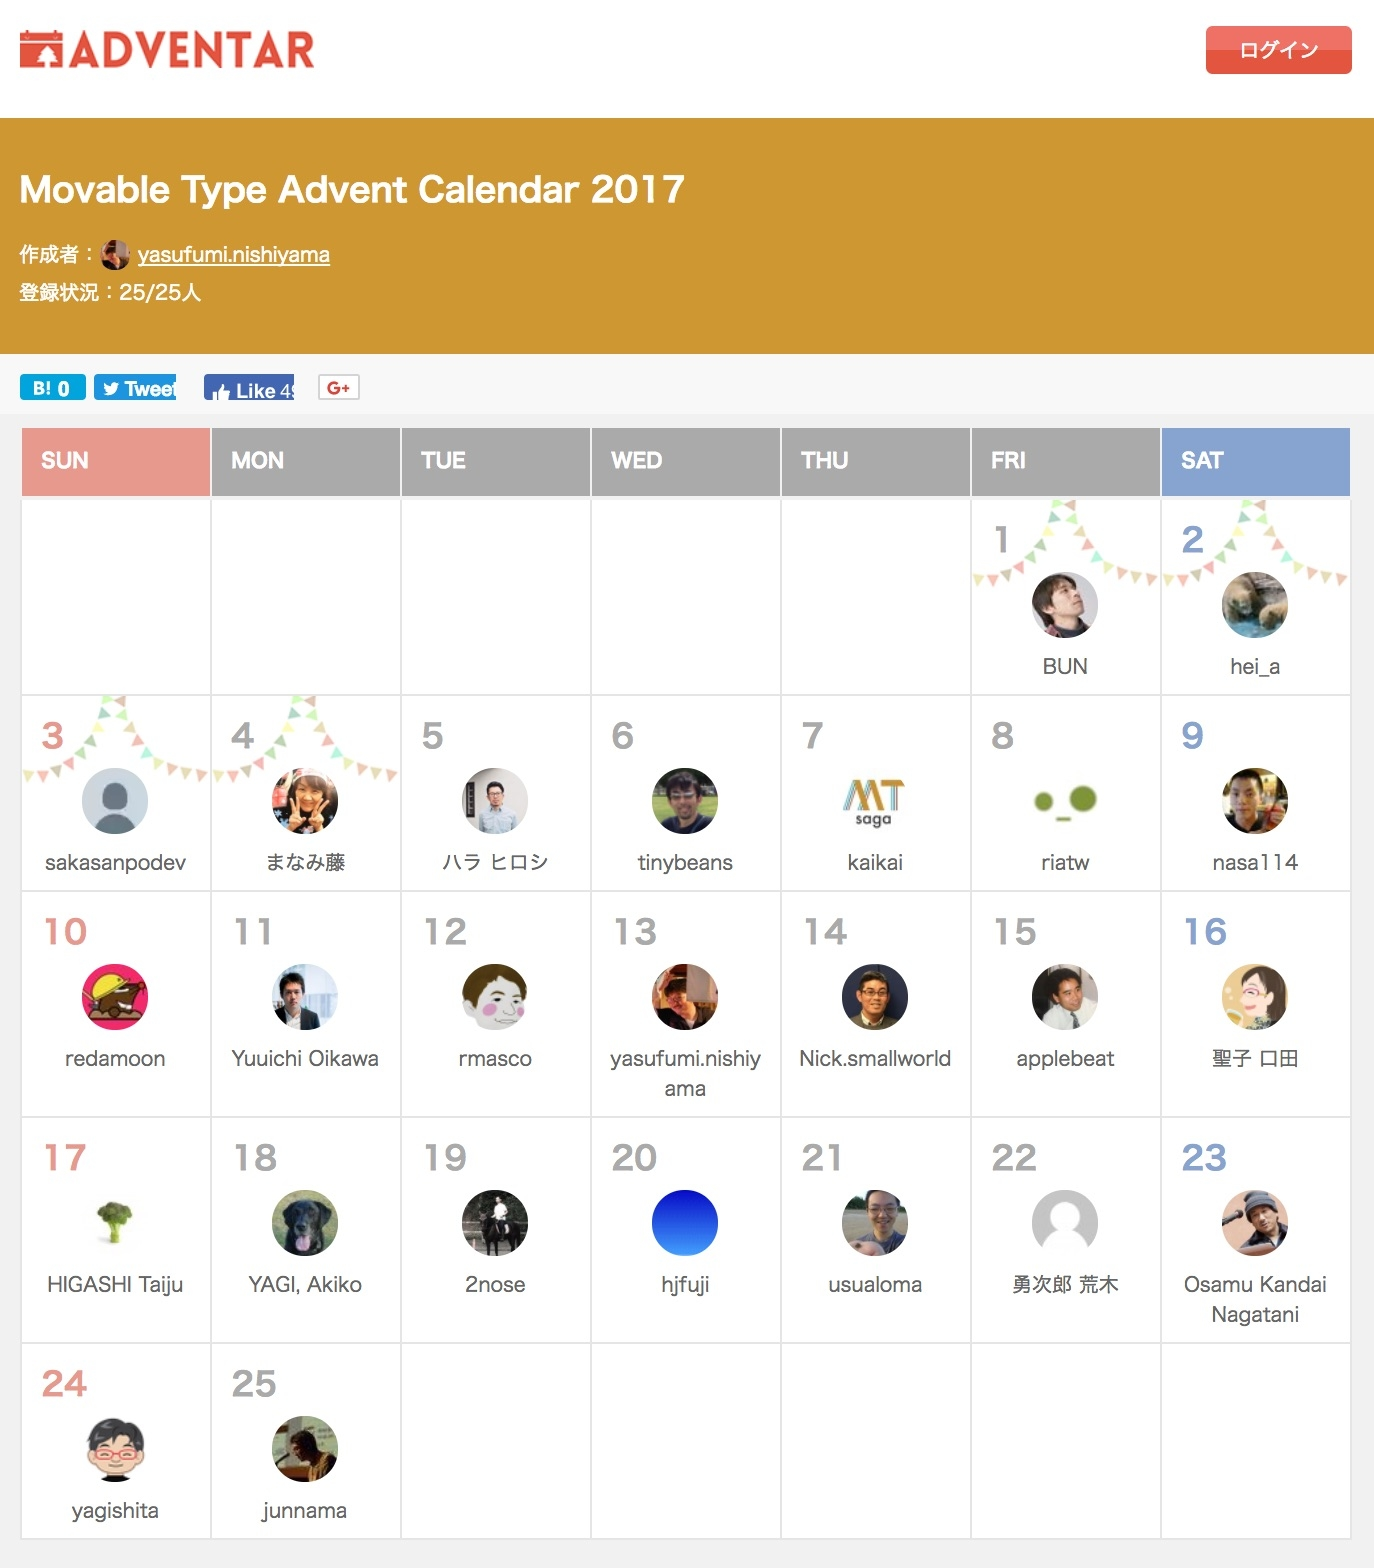 Movable_Type_Advent_Calendar_2017_-_Adventar.jpg